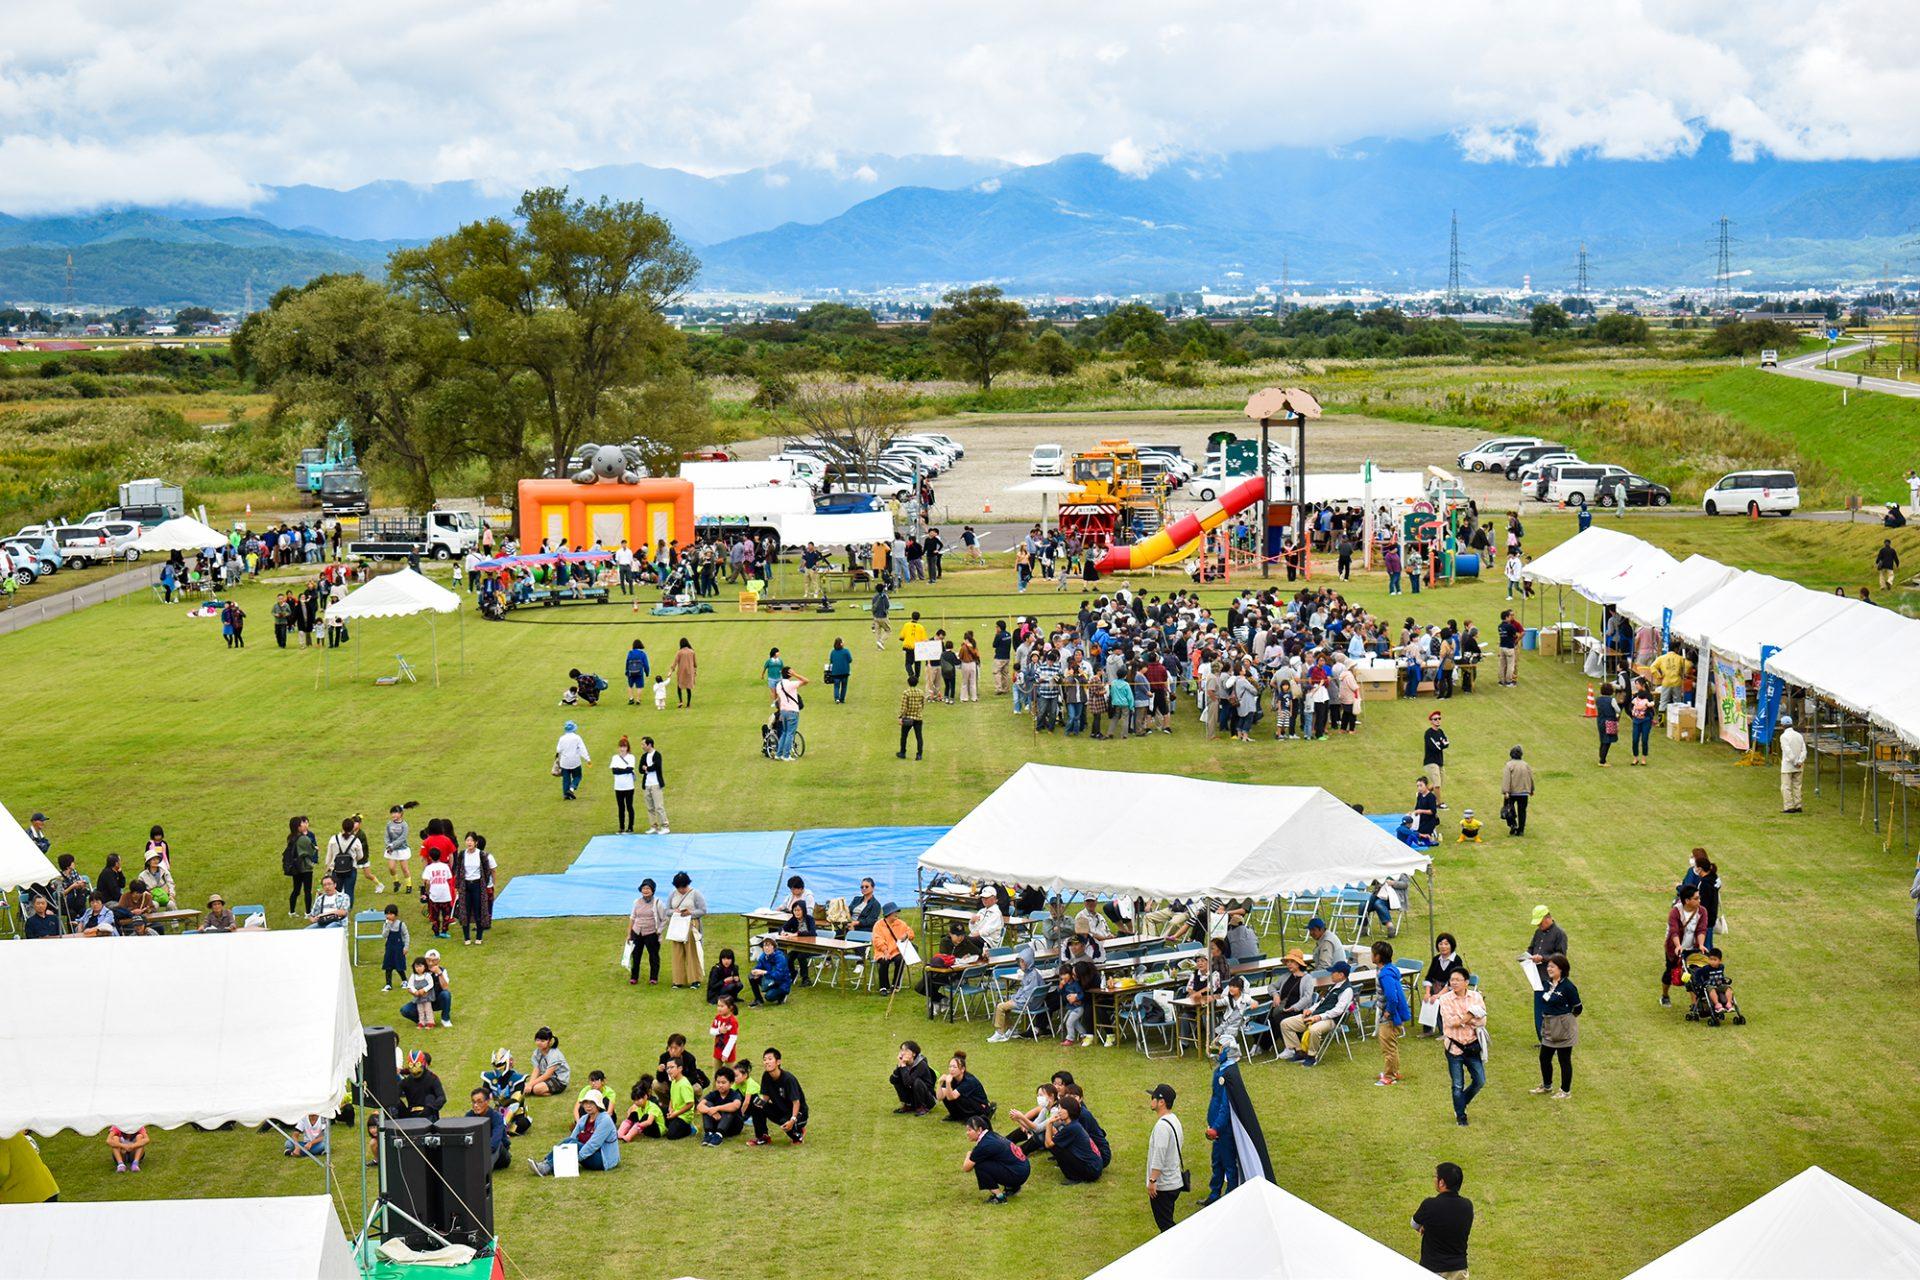 2019年度の「新米祭」の様子。新米試食会や稲刈り体験、特産物販売、各種ステージイベントが開かれ、大勢の人が参加し賑わっています